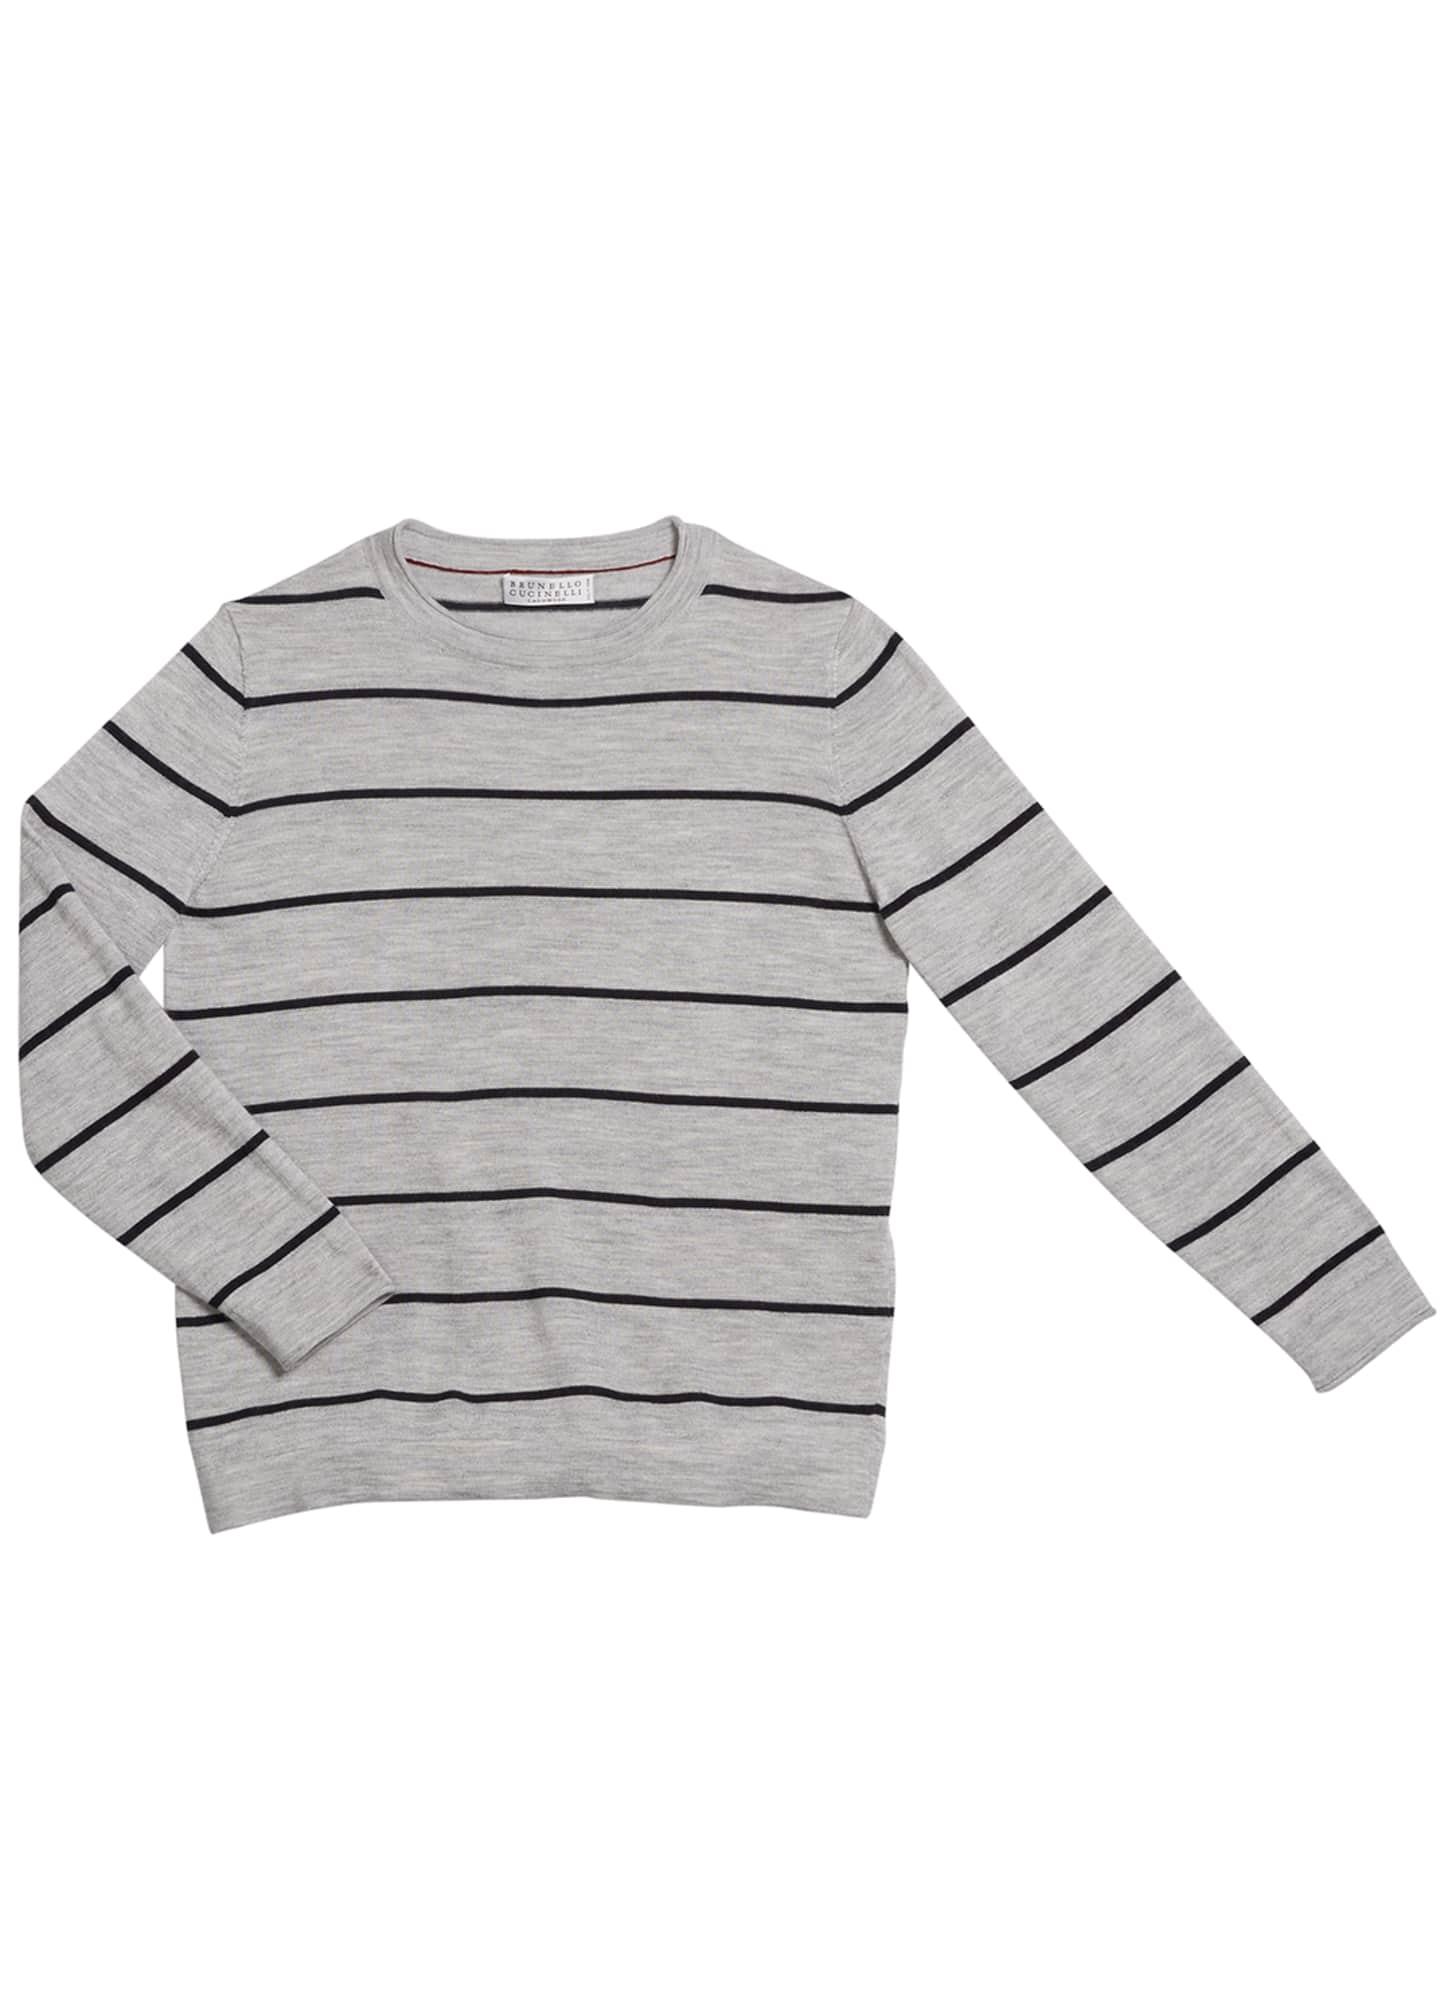 Brunello Cucinelli Boy's Striped Fine Gauge Wool/Cashmere